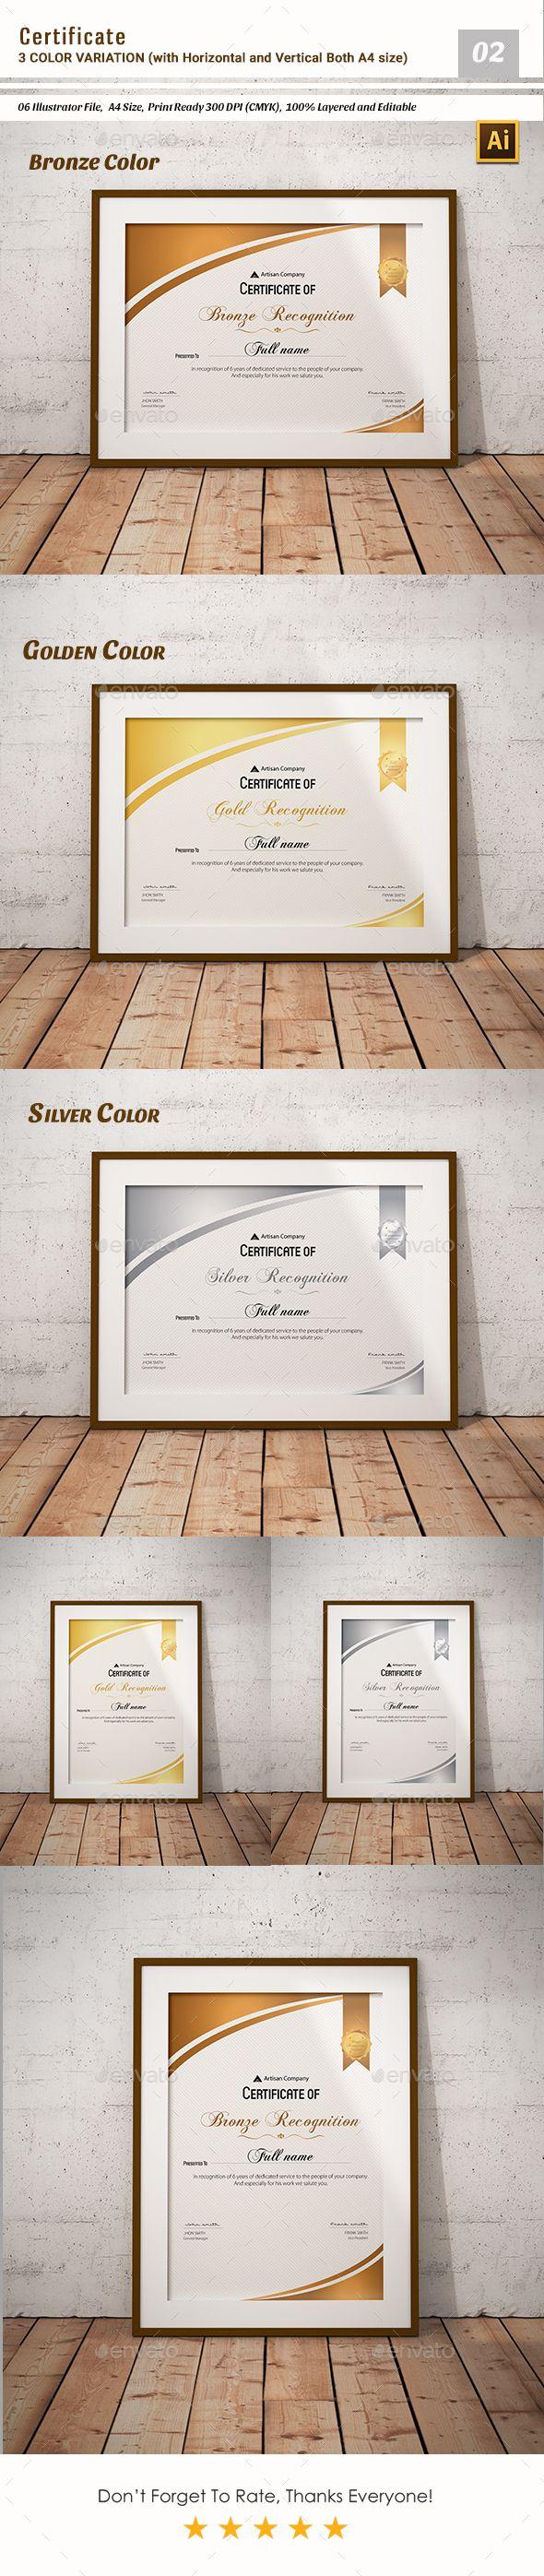 Wunderbar Bronze Zertifikatvorlage Fotos - zertifizierungsstelle ...